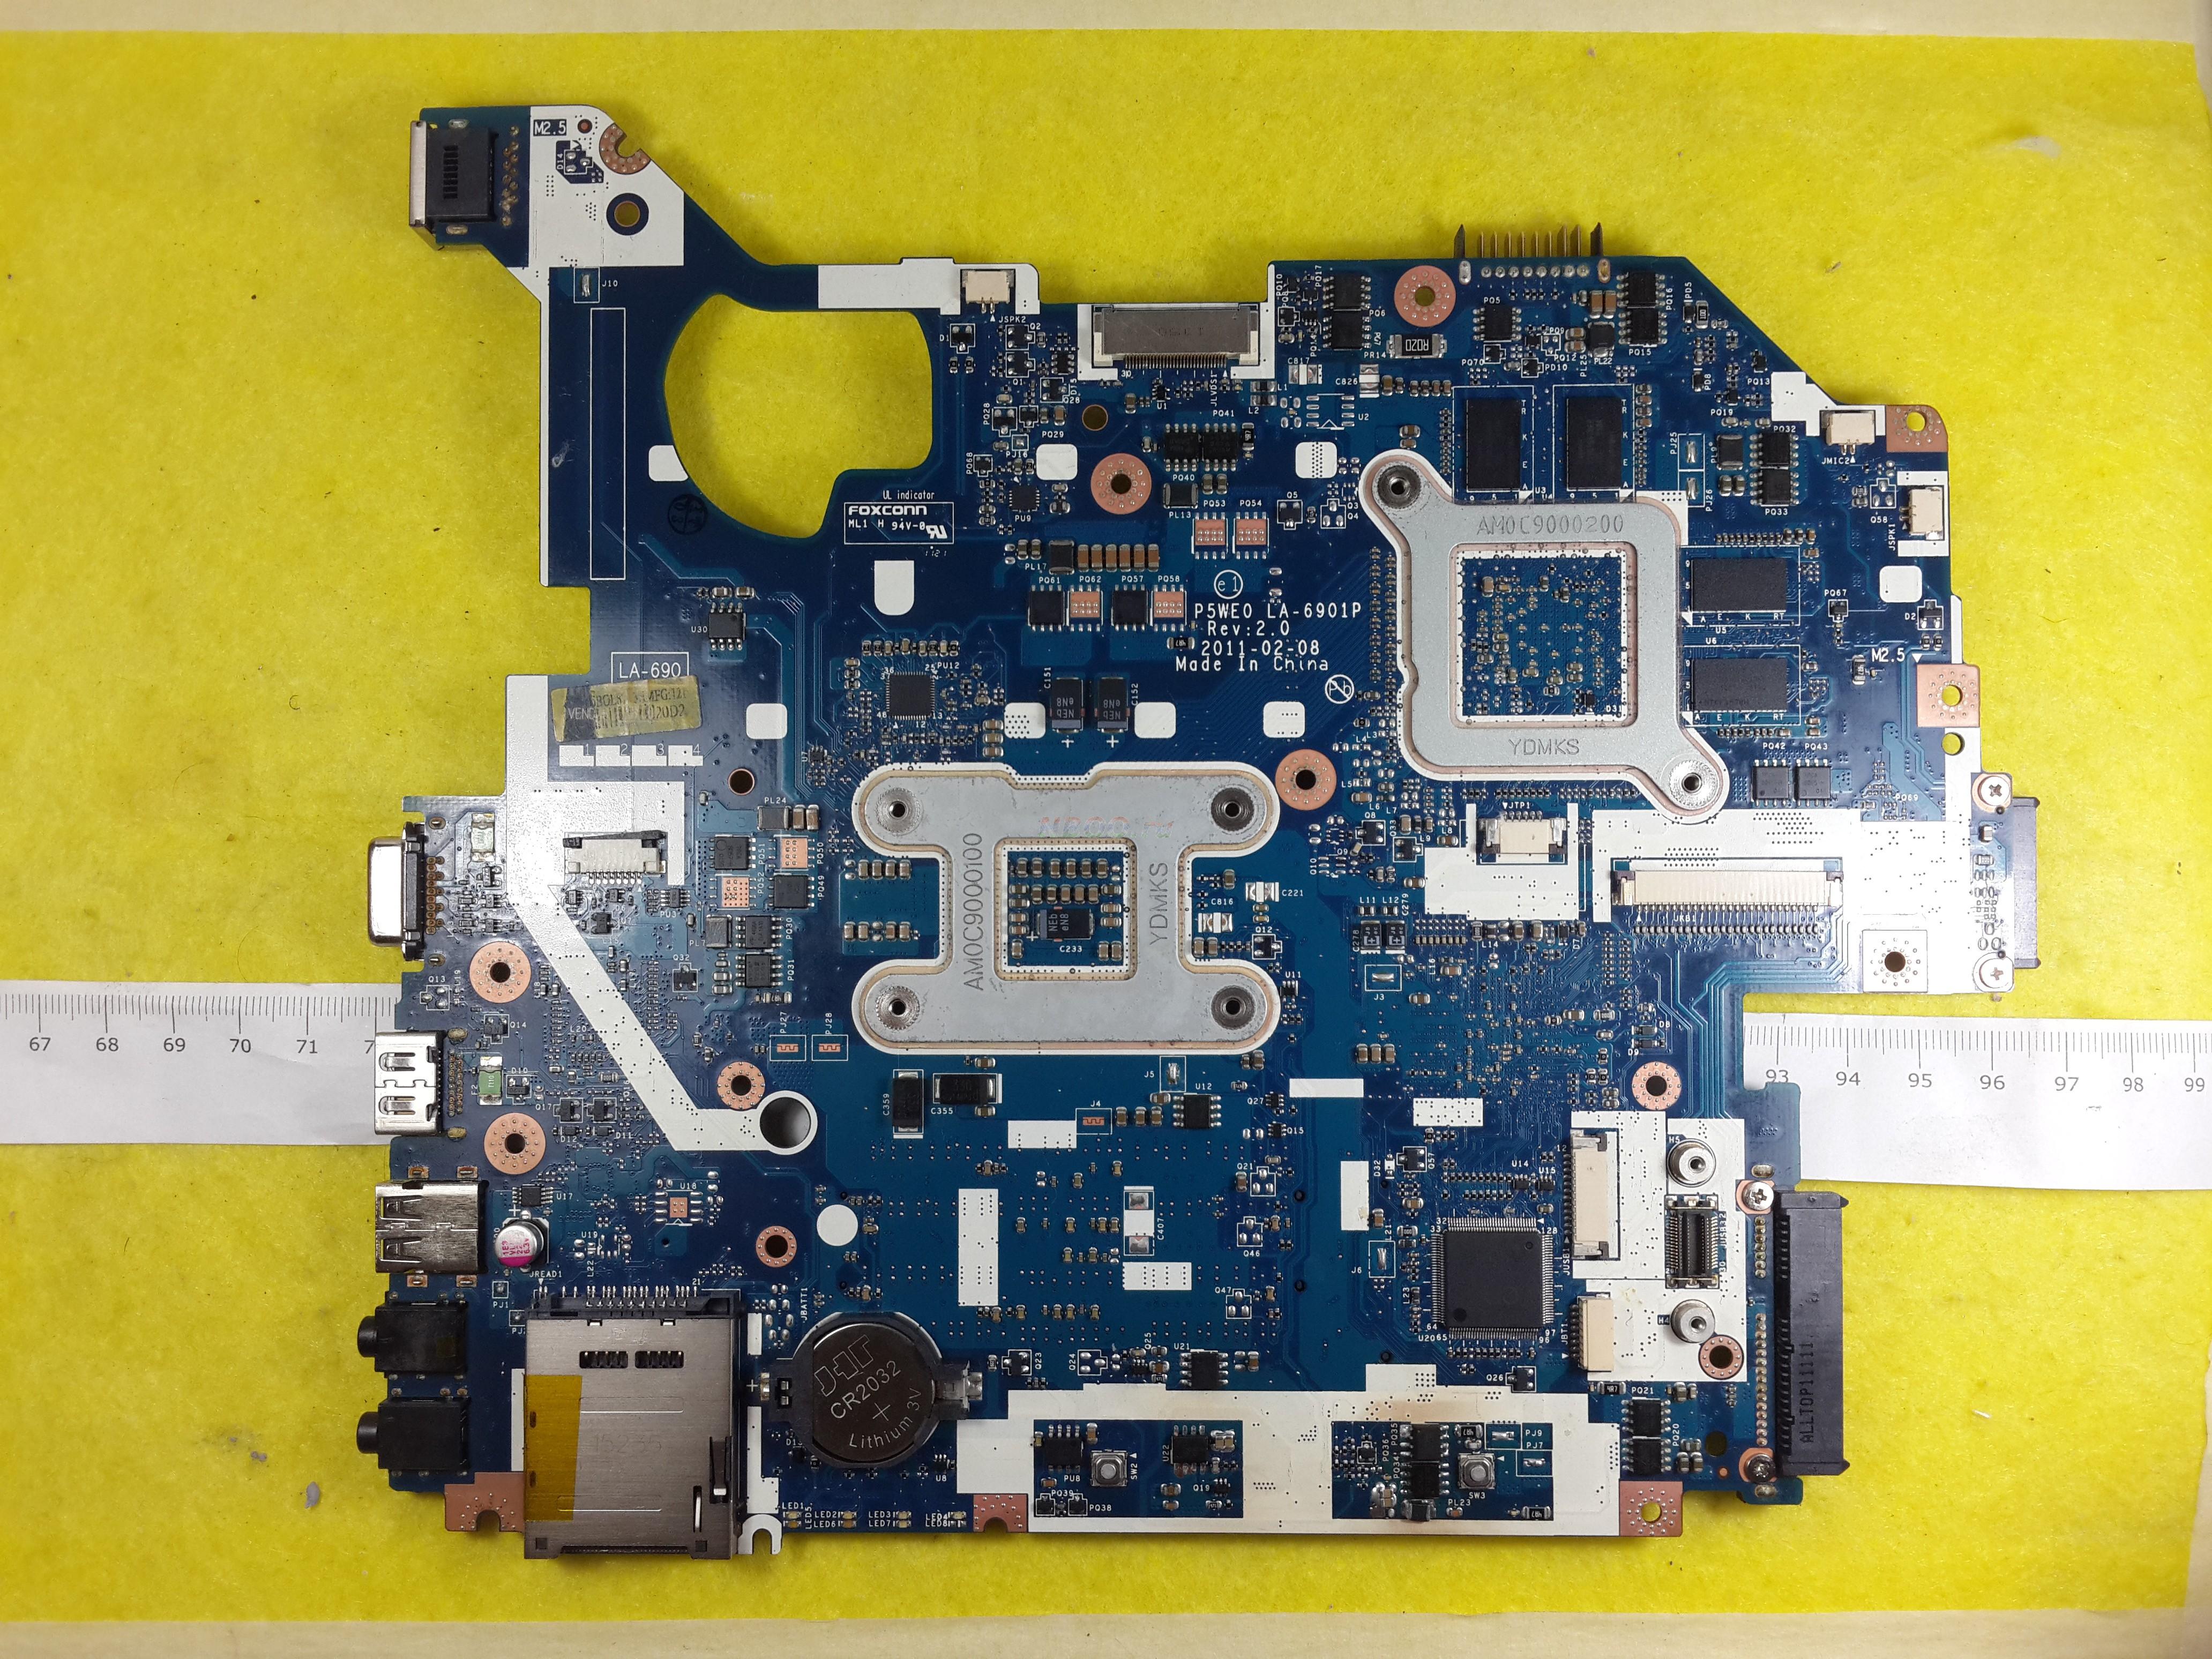 Материнская плата LA-6901P / 540M / 1GB - для Acer 5750G, Packard Bell TS11, TS44